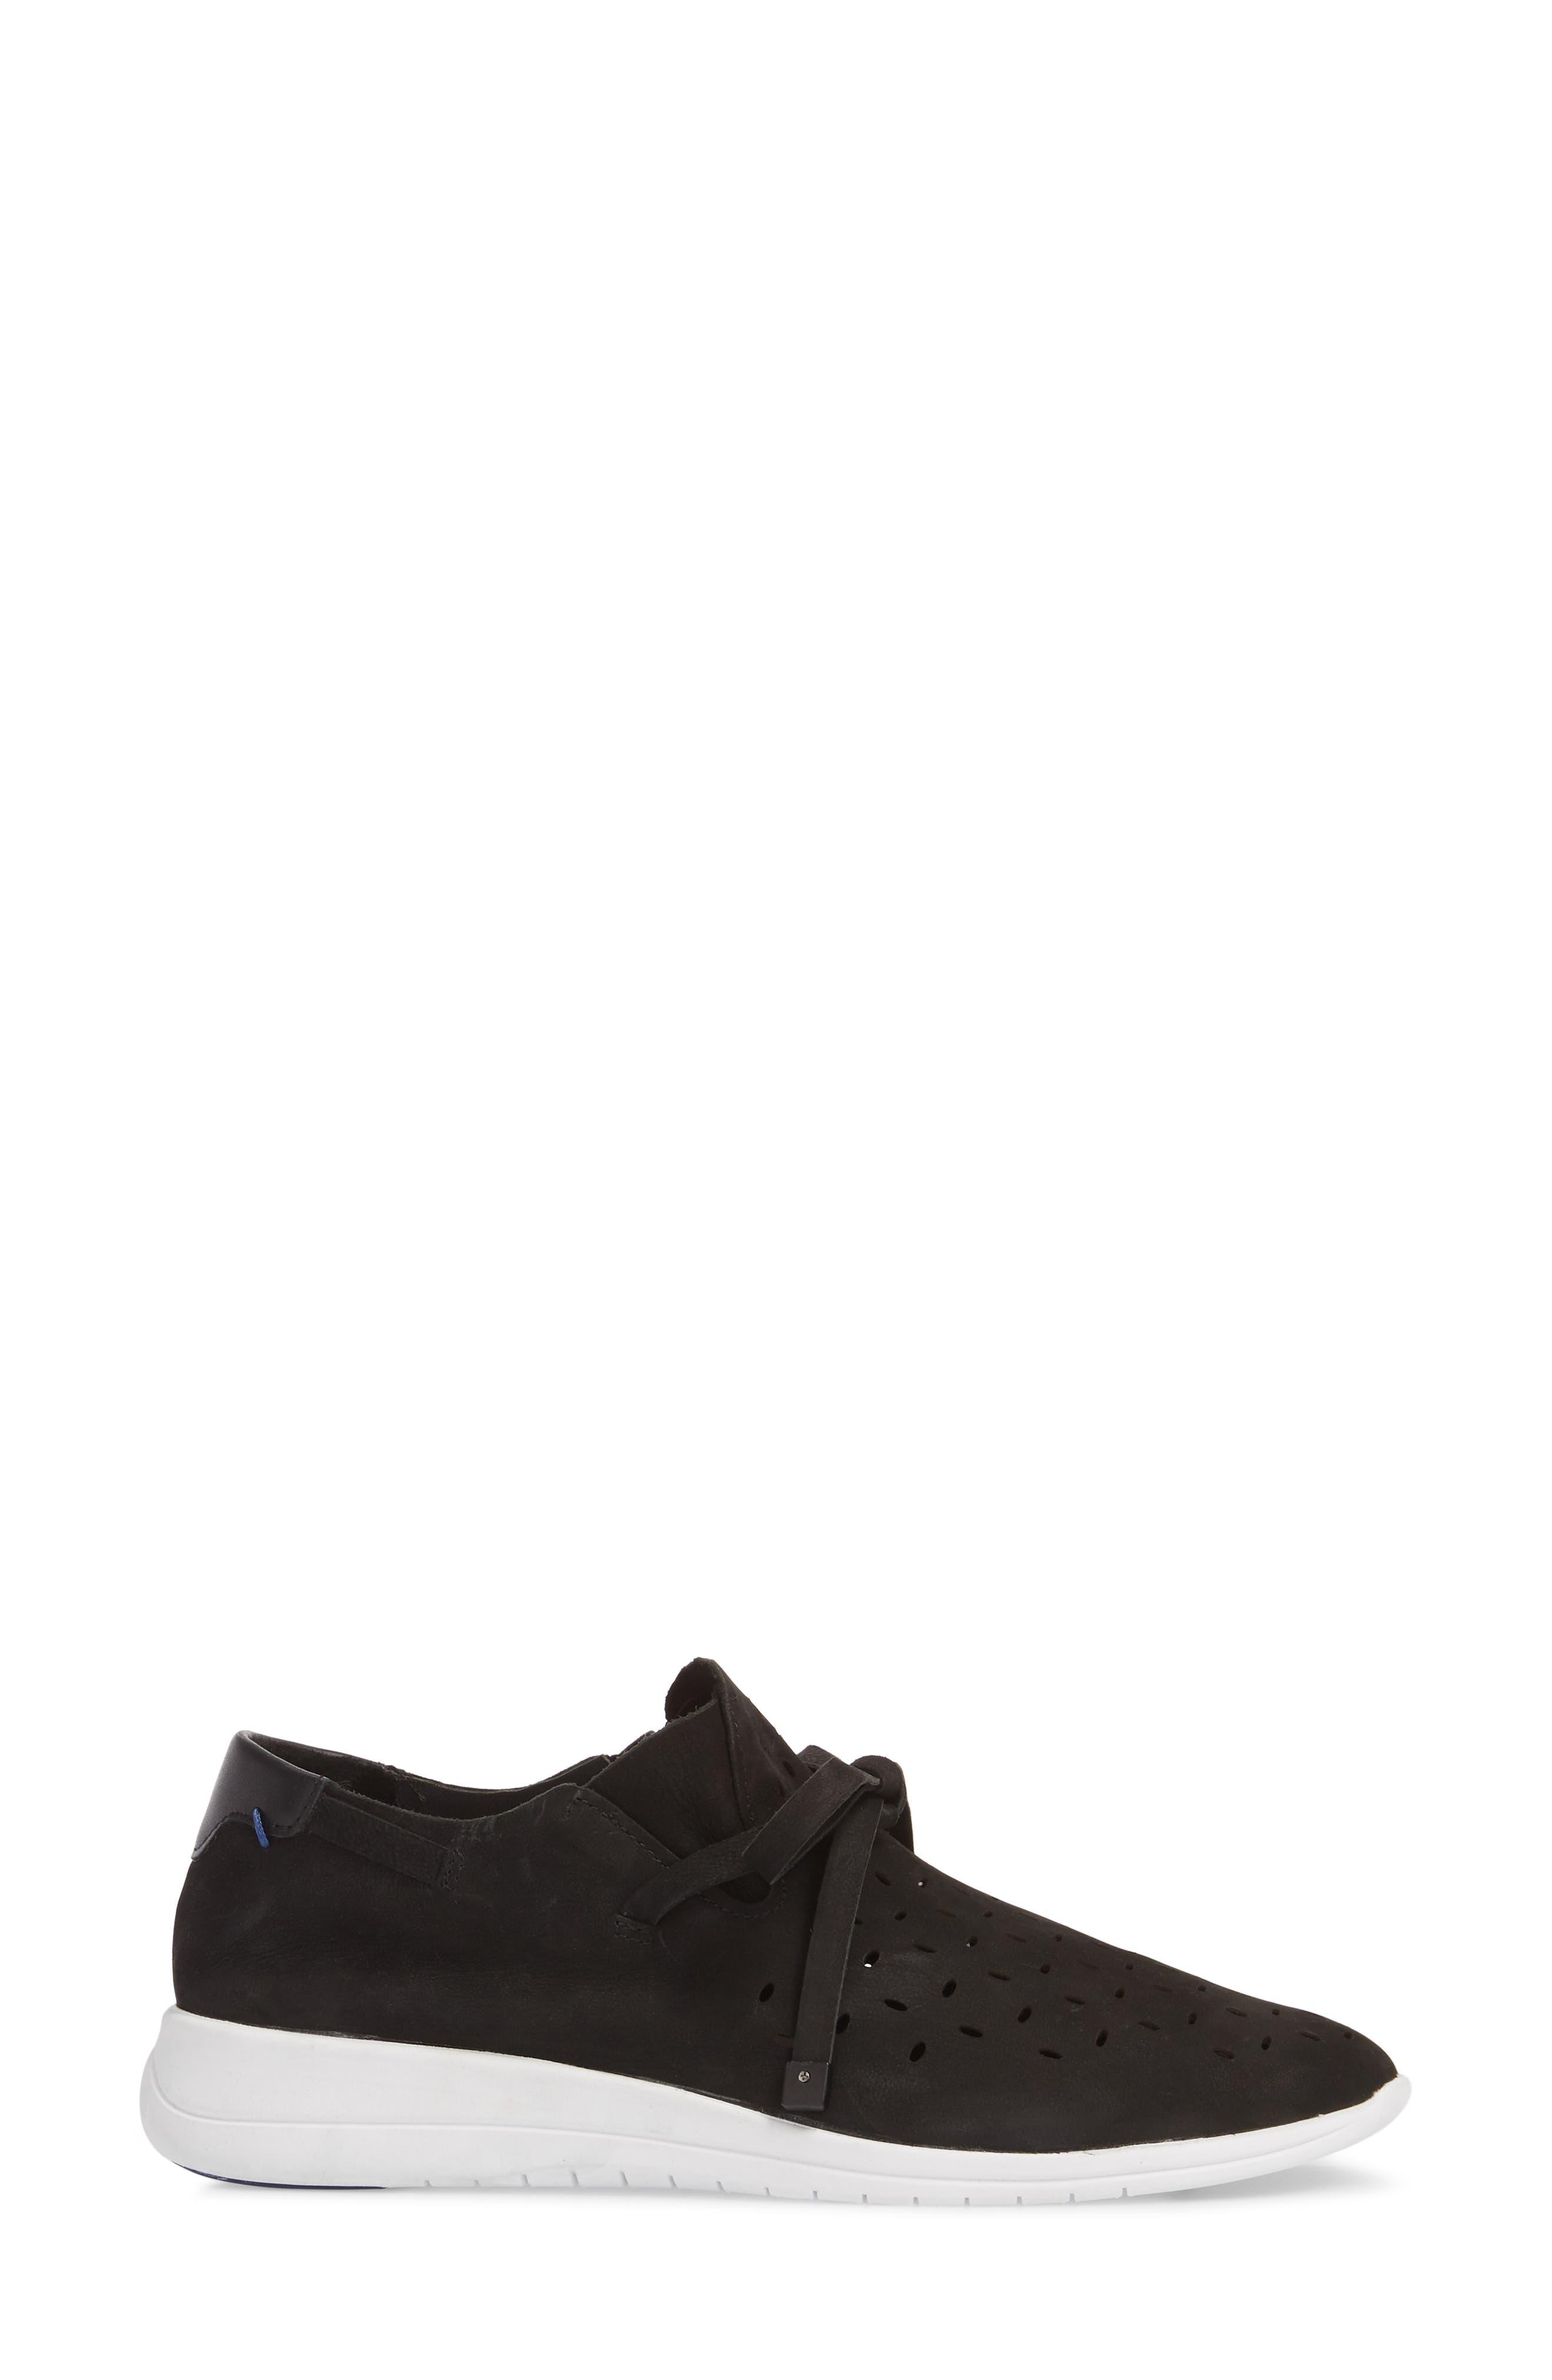 Freeport Sneaker,                             Alternate thumbnail 3, color,                             BLACK NUBUCK